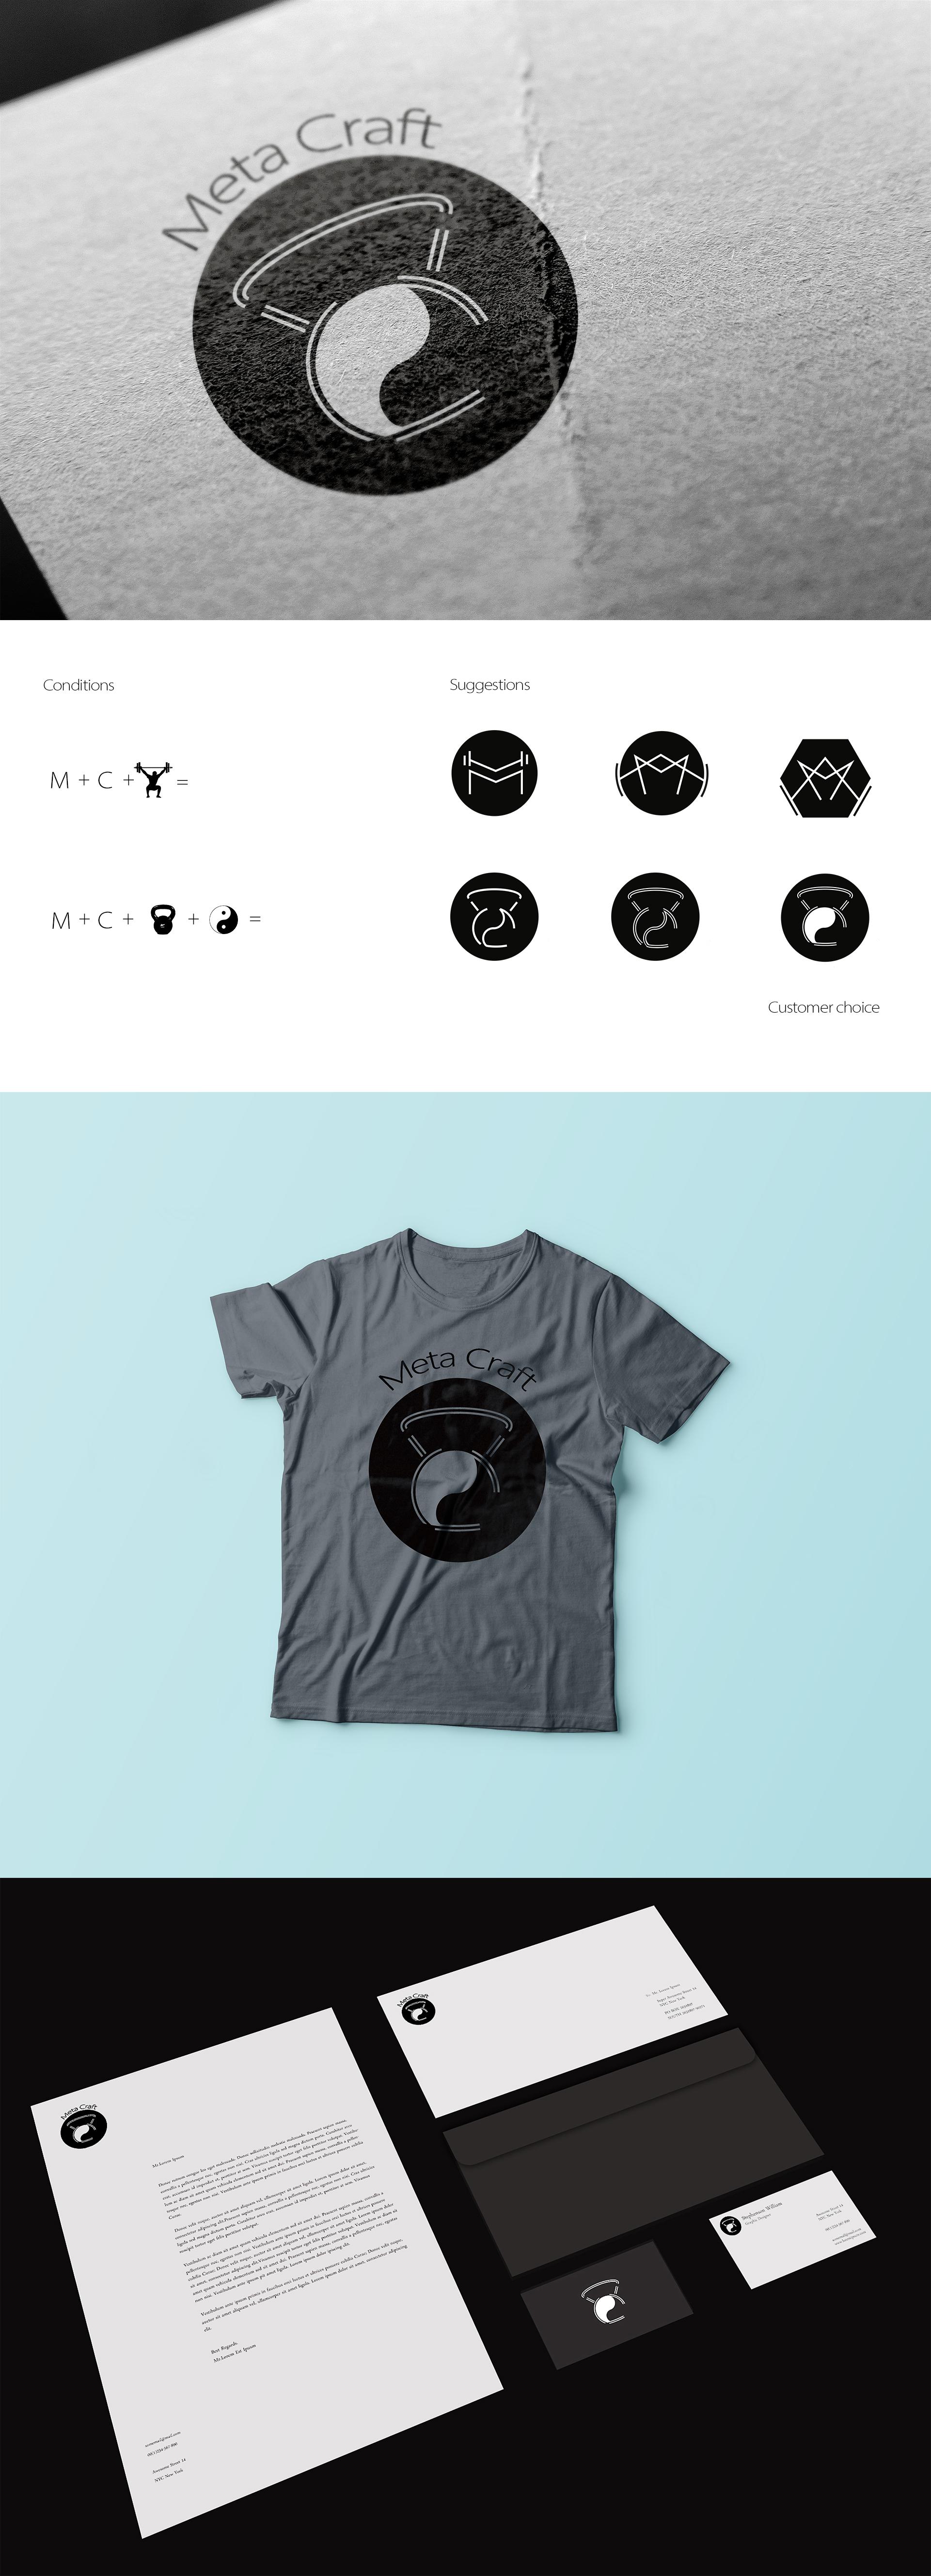 logo-branding-identification-meta craft-pawlowska-design